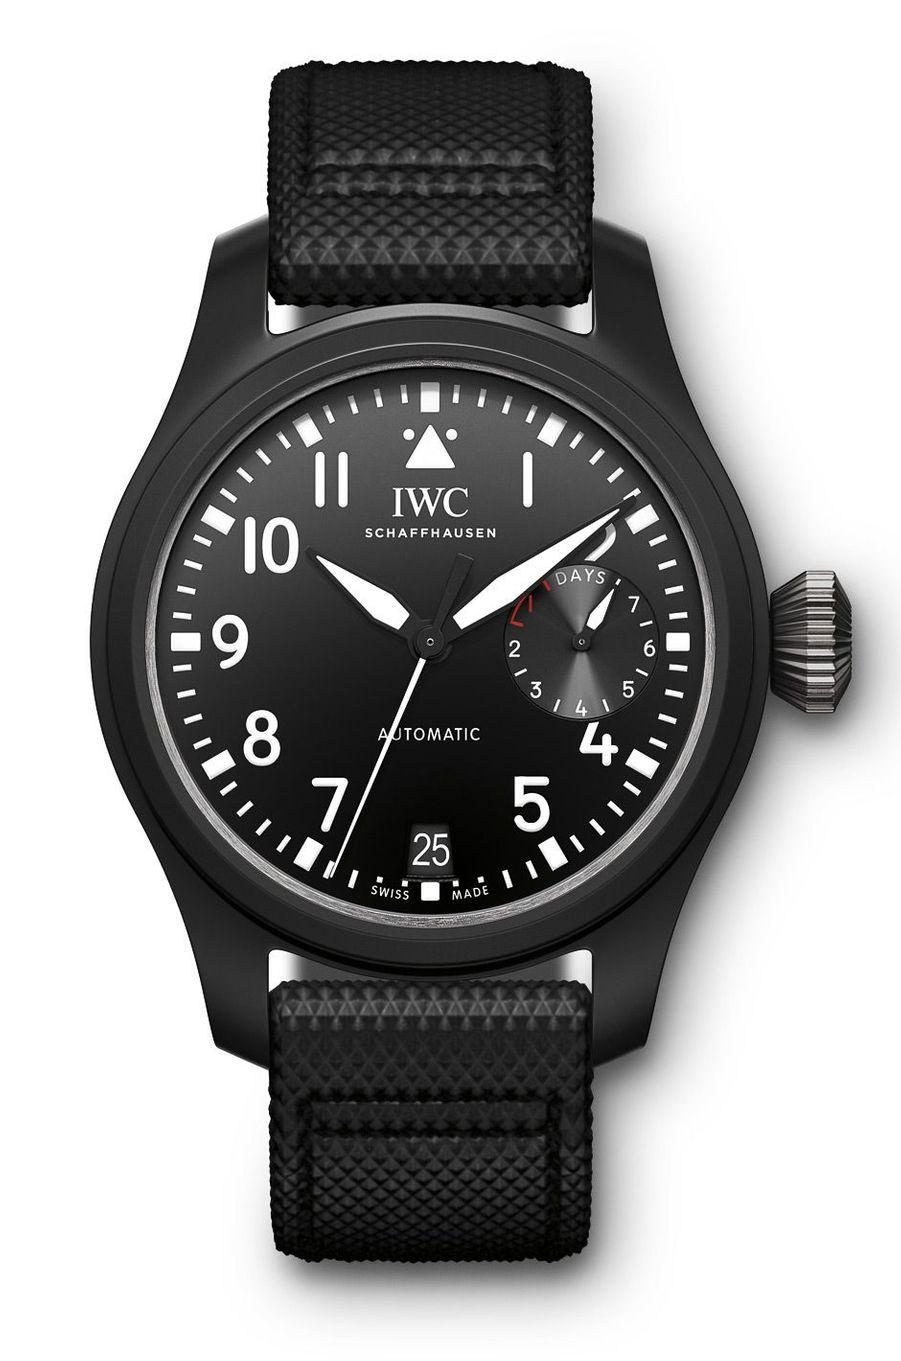 Grande Montre d'Aviateur Top Gun en céramique, 46 mm de diamètre, mouvement automatique, bracelet en veau gaufré, 14 400 €. IWC.